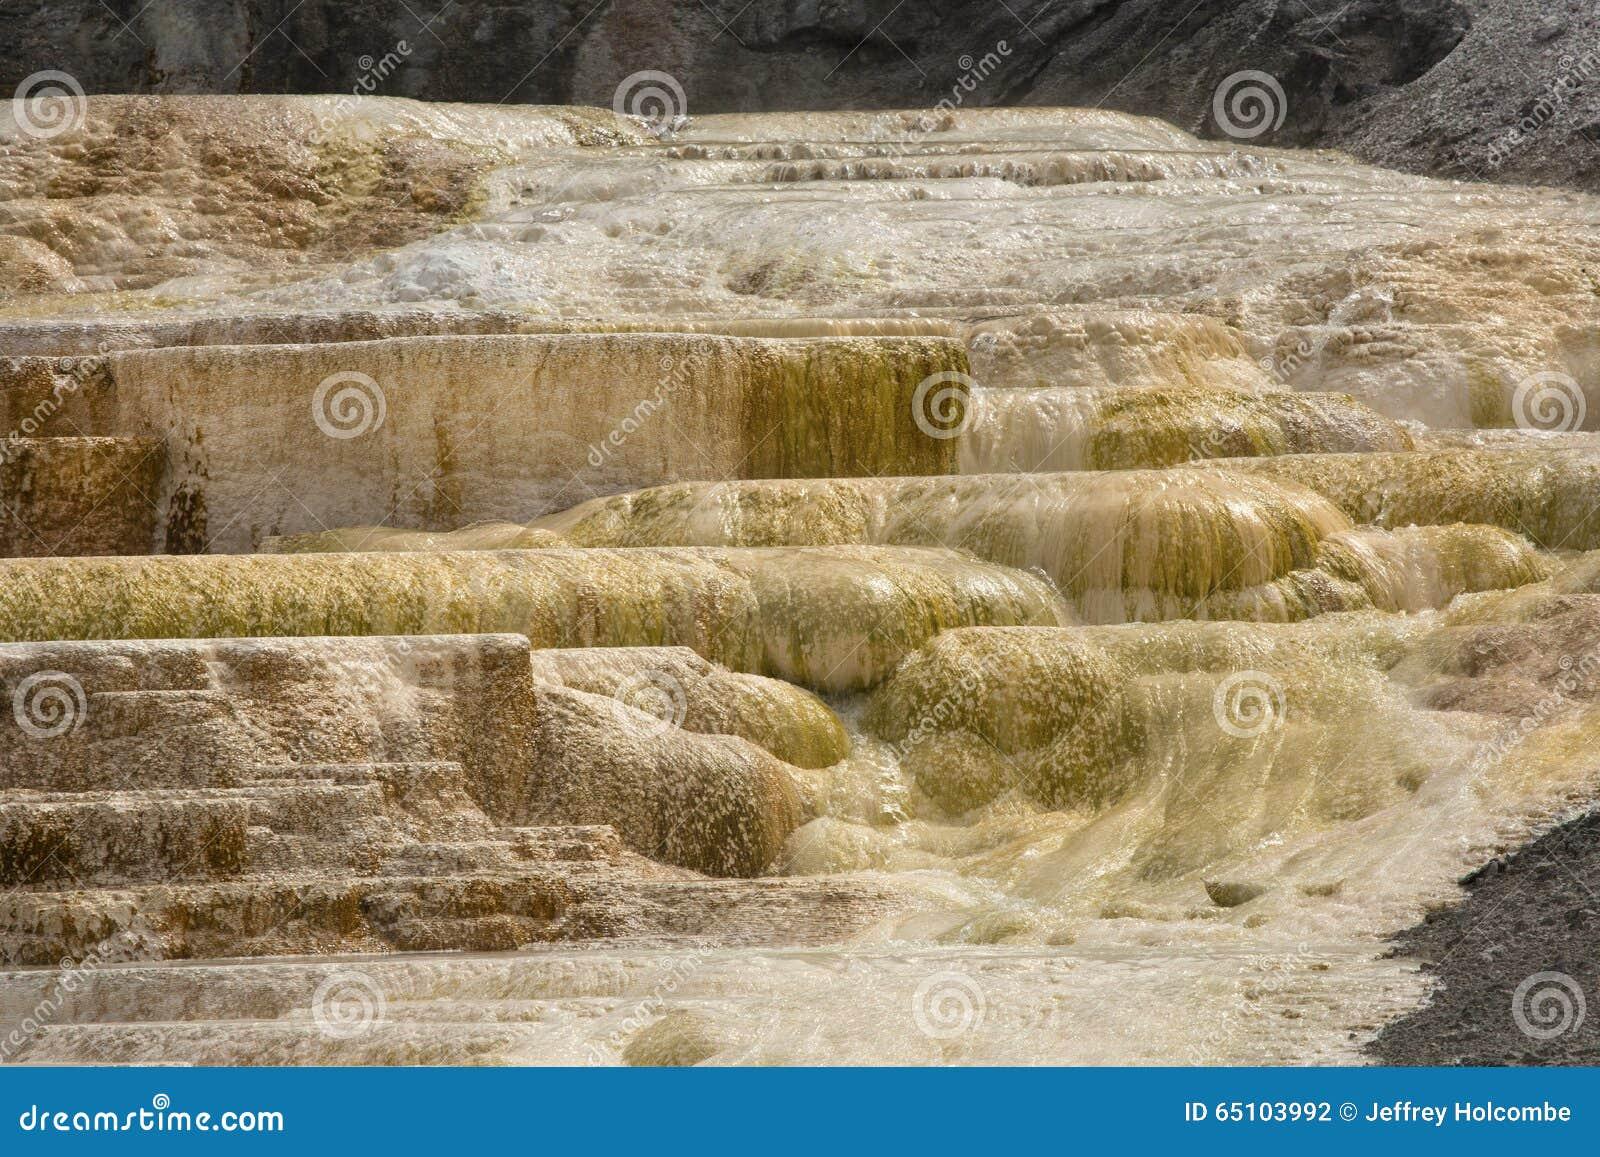 Caliente la roca del carbonato llam terrazas de las for Travertino roca